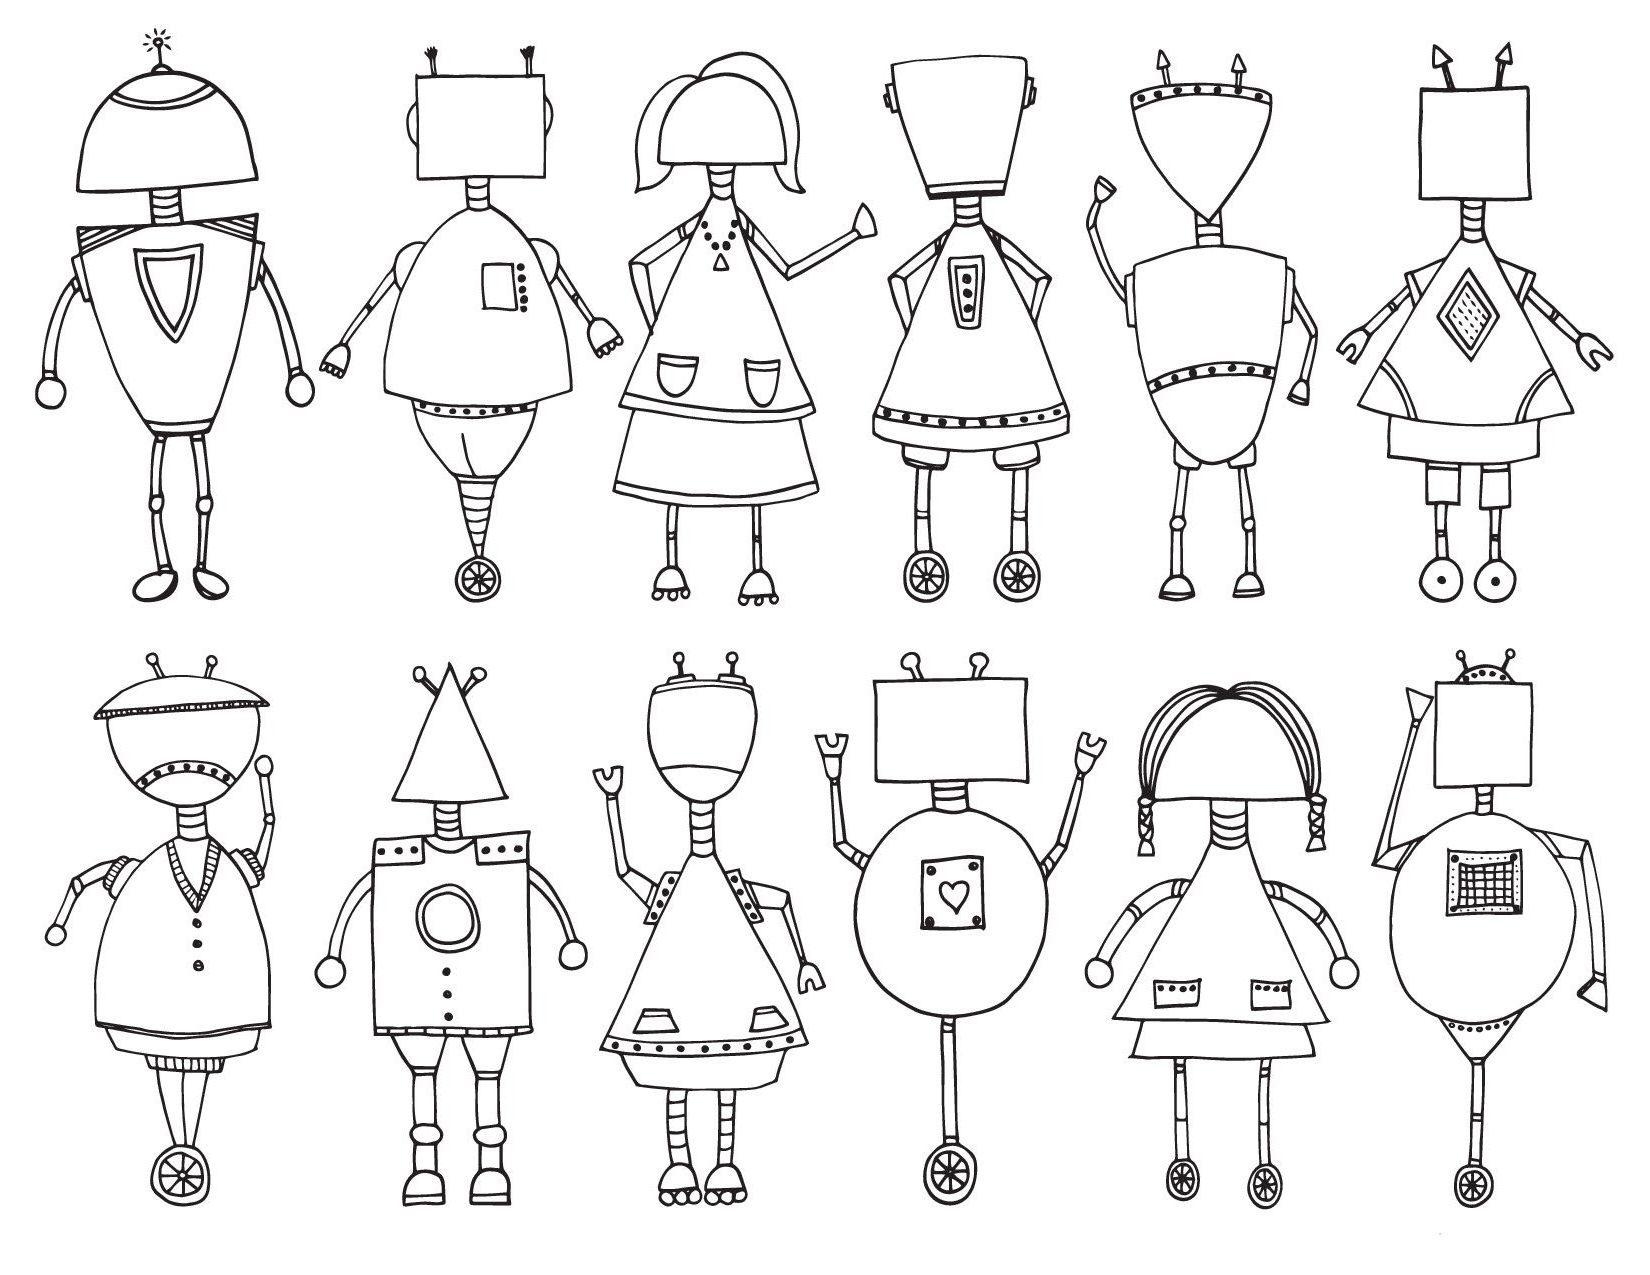 Роботы разного вида - Для мальчиков - Раскраски антистресс